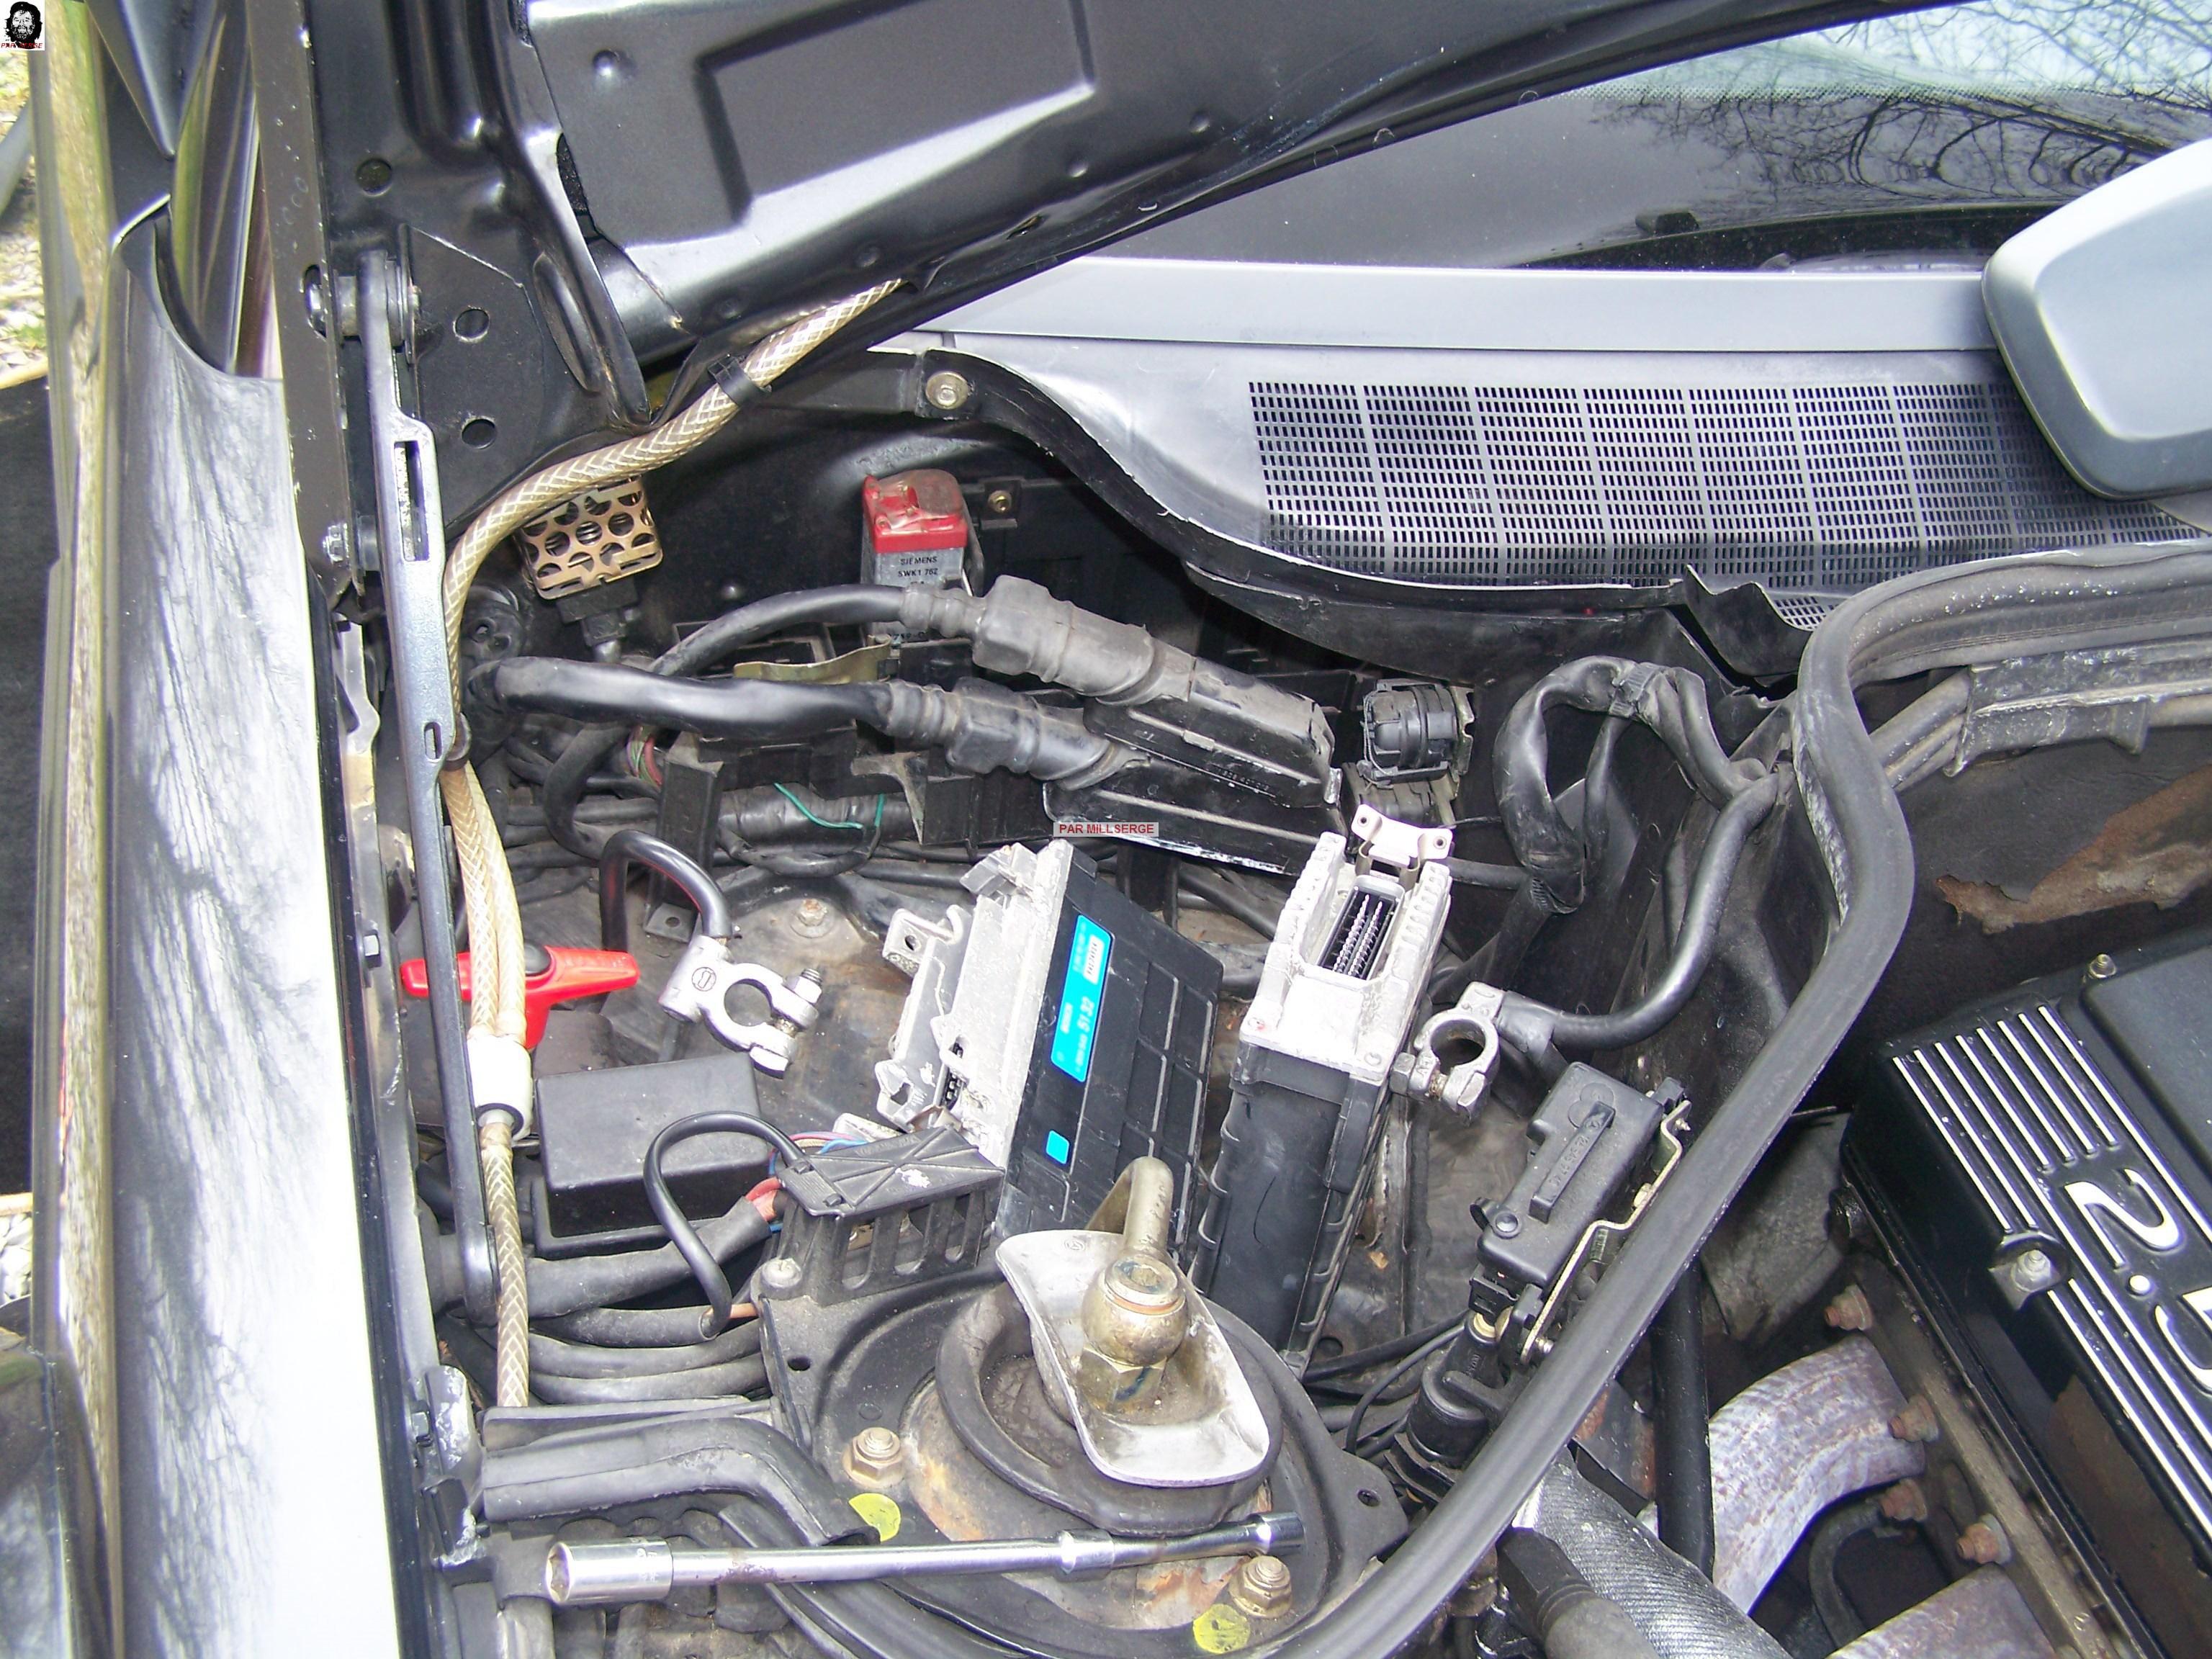 TUTO: Retrait d'une SERPI STAR MK 130-V 3889155aRetraitdescalculateursABSETKE